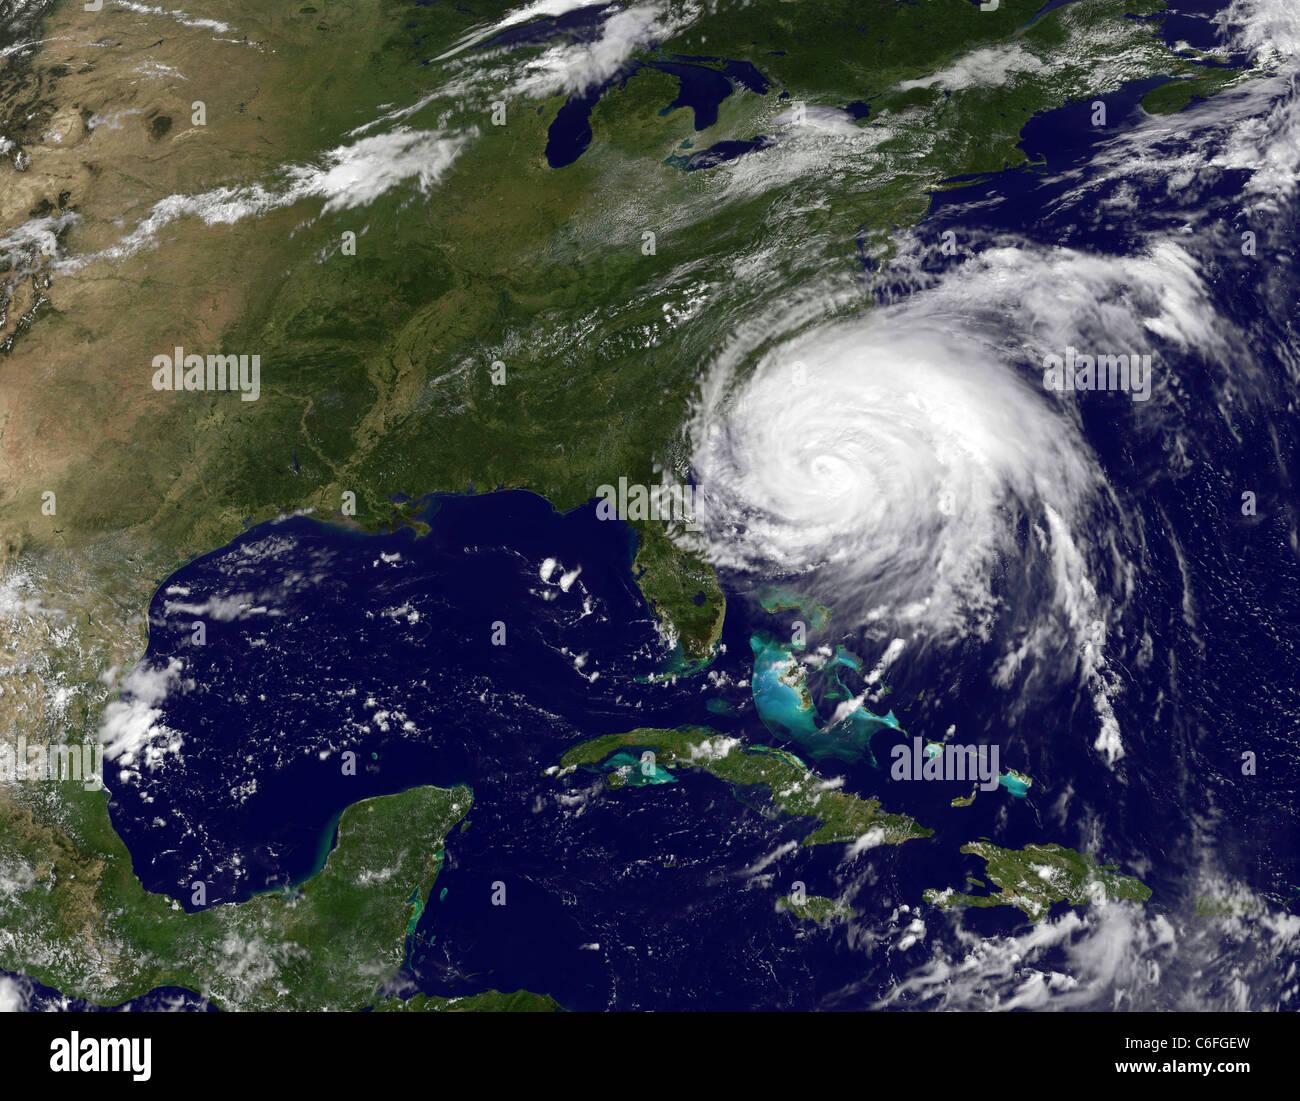 Hurrikan Irene über die Ost-Küste Amerikas Stockbild